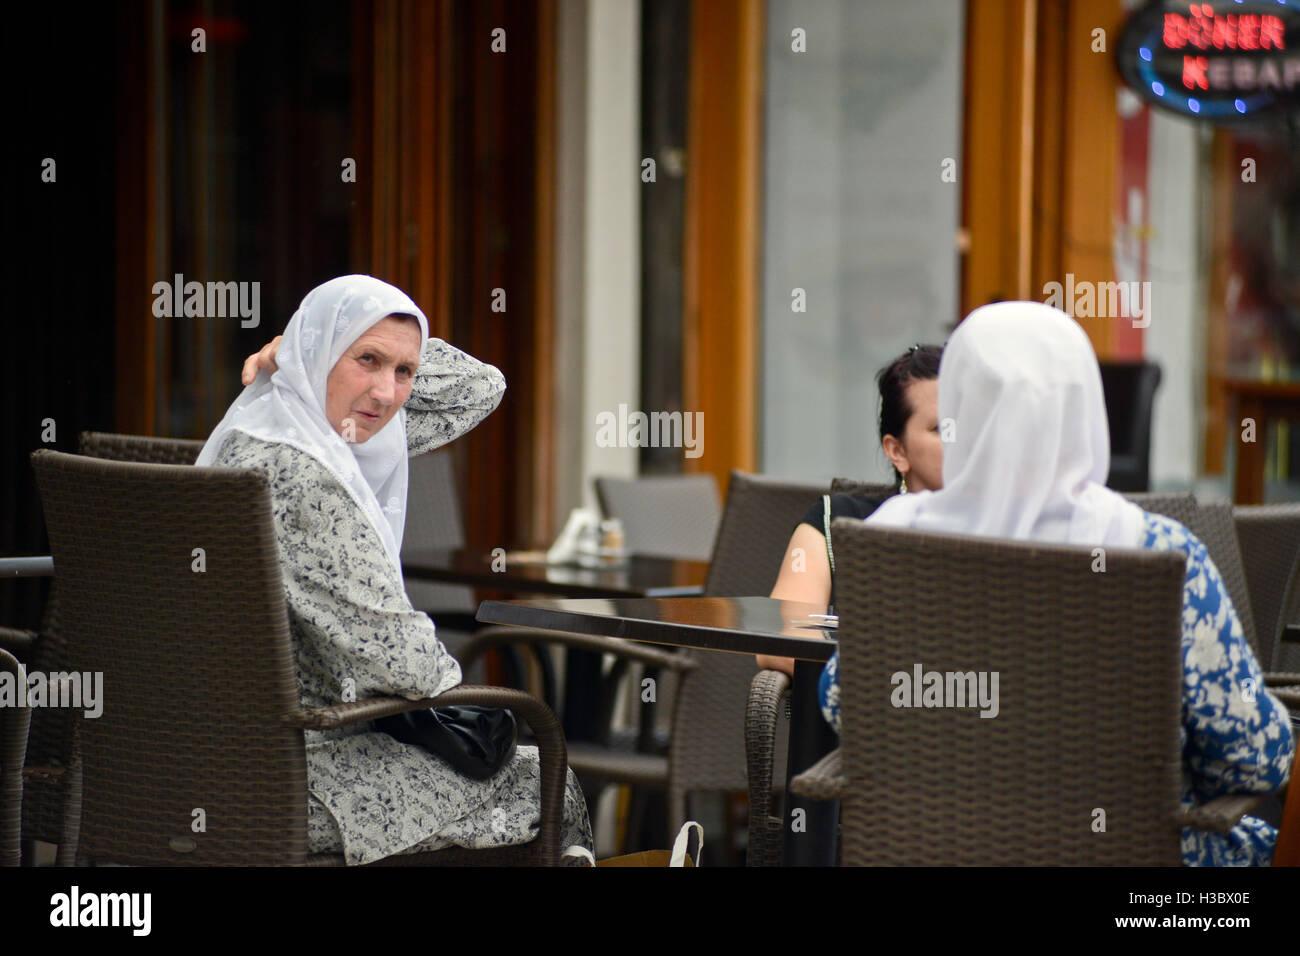 Muslim women in a restaurant. Sarajevo Old Town (Baščaršija), Bosnia and Herzegovina - Stock Image